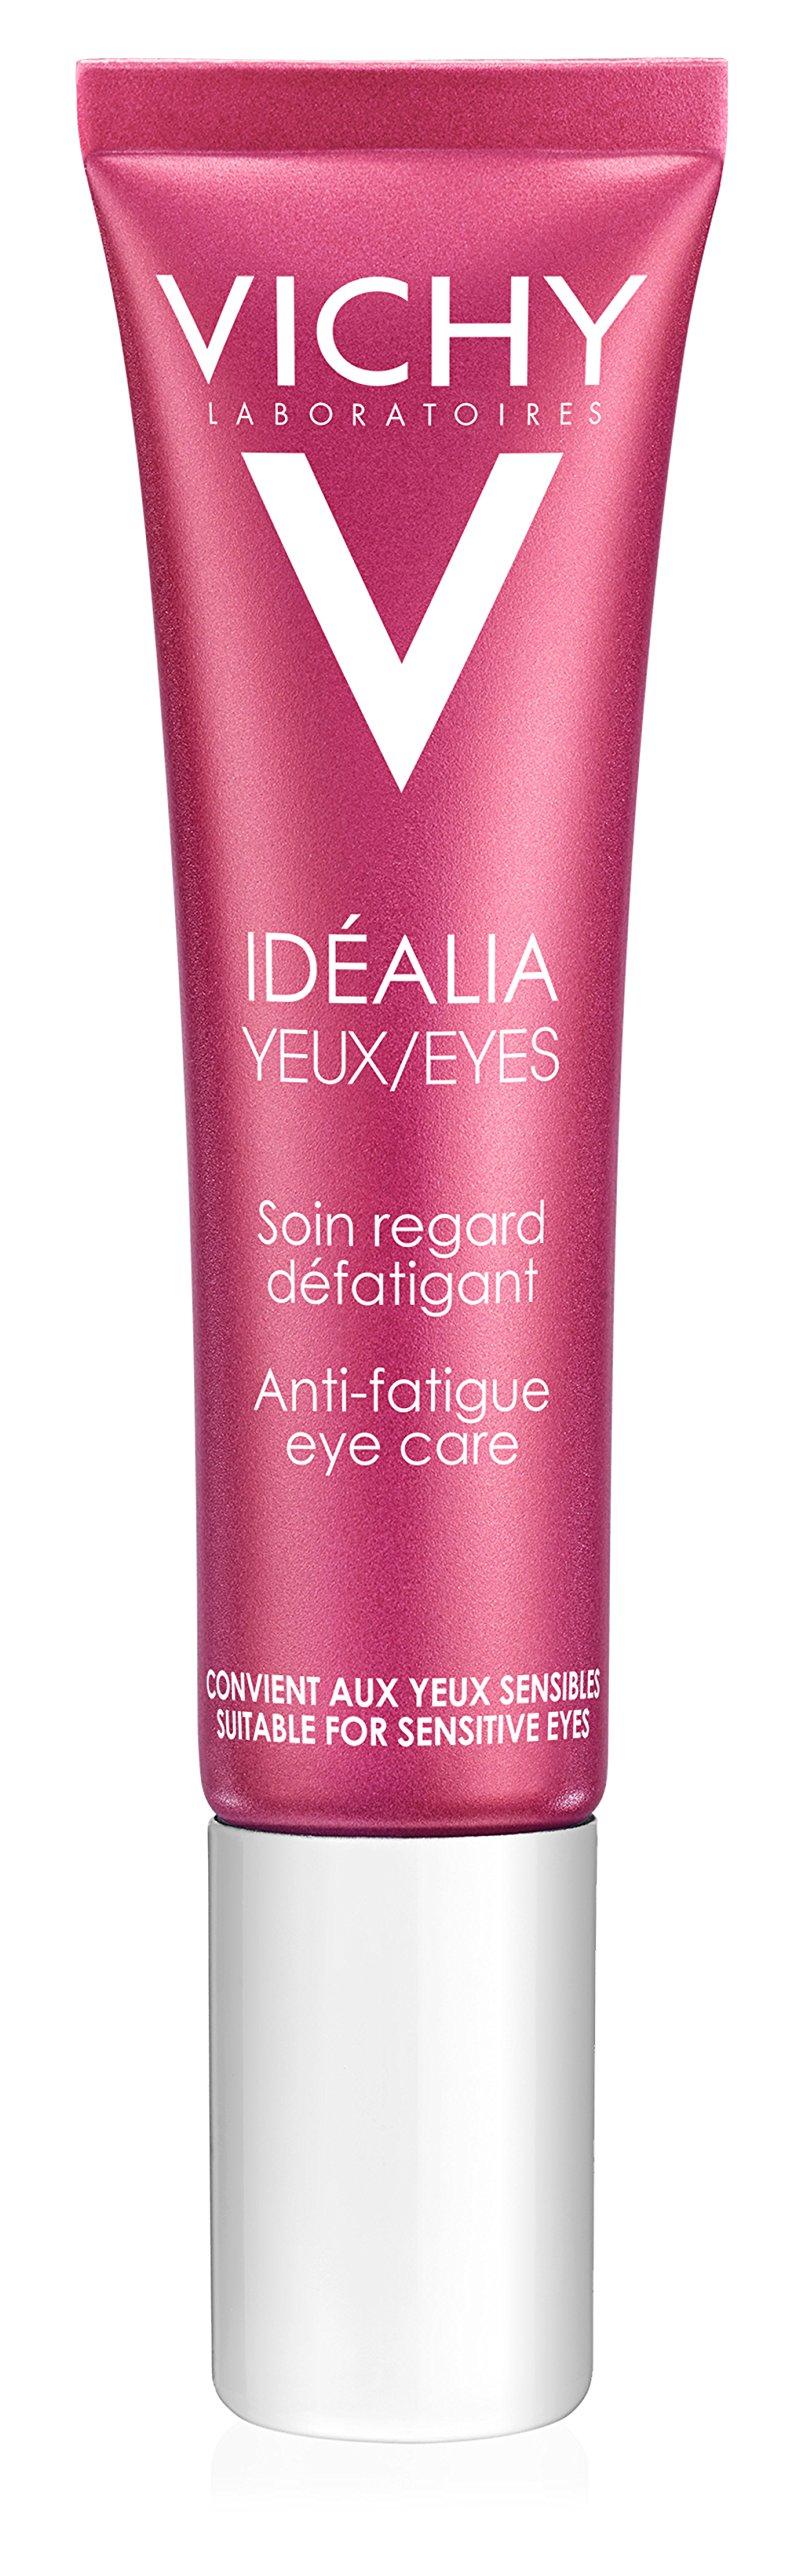 L'Orealvichy Eye Contour Cream, 210 g